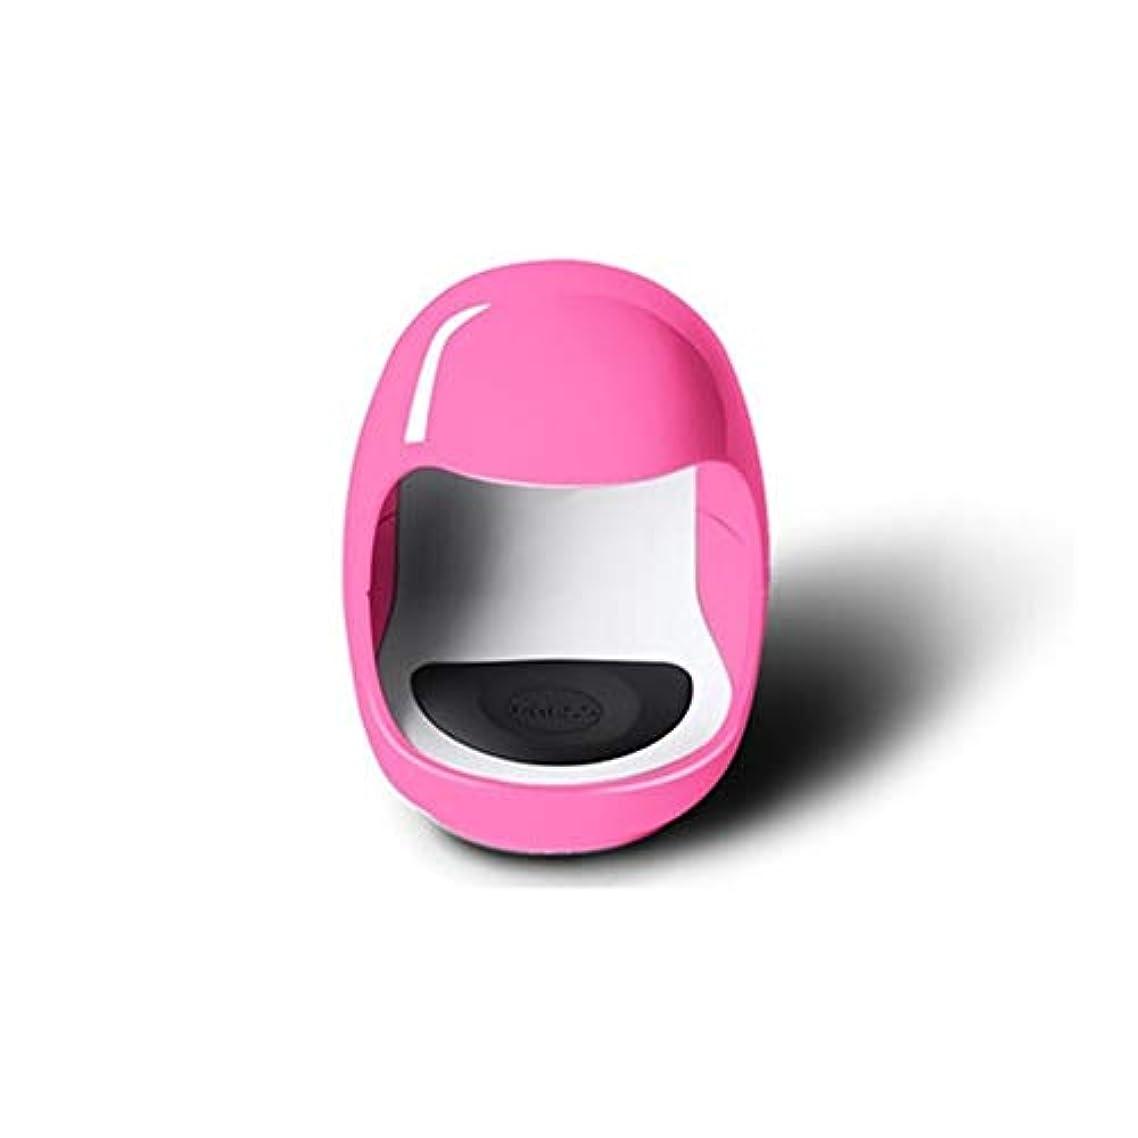 あいまい朝の体操をする最大のLittleCat ネイル光線療法のミニUSB太陽灯ライトセラピーランプLEDランプ速乾性ネイルポリッシュベーキングゴム (色 : Pink without data cable)